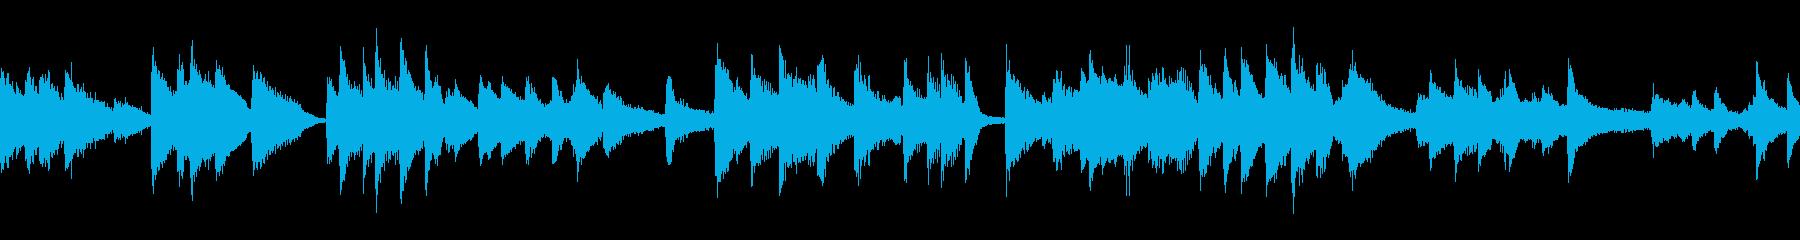 明るく快適なアコースティックジャズ...の再生済みの波形